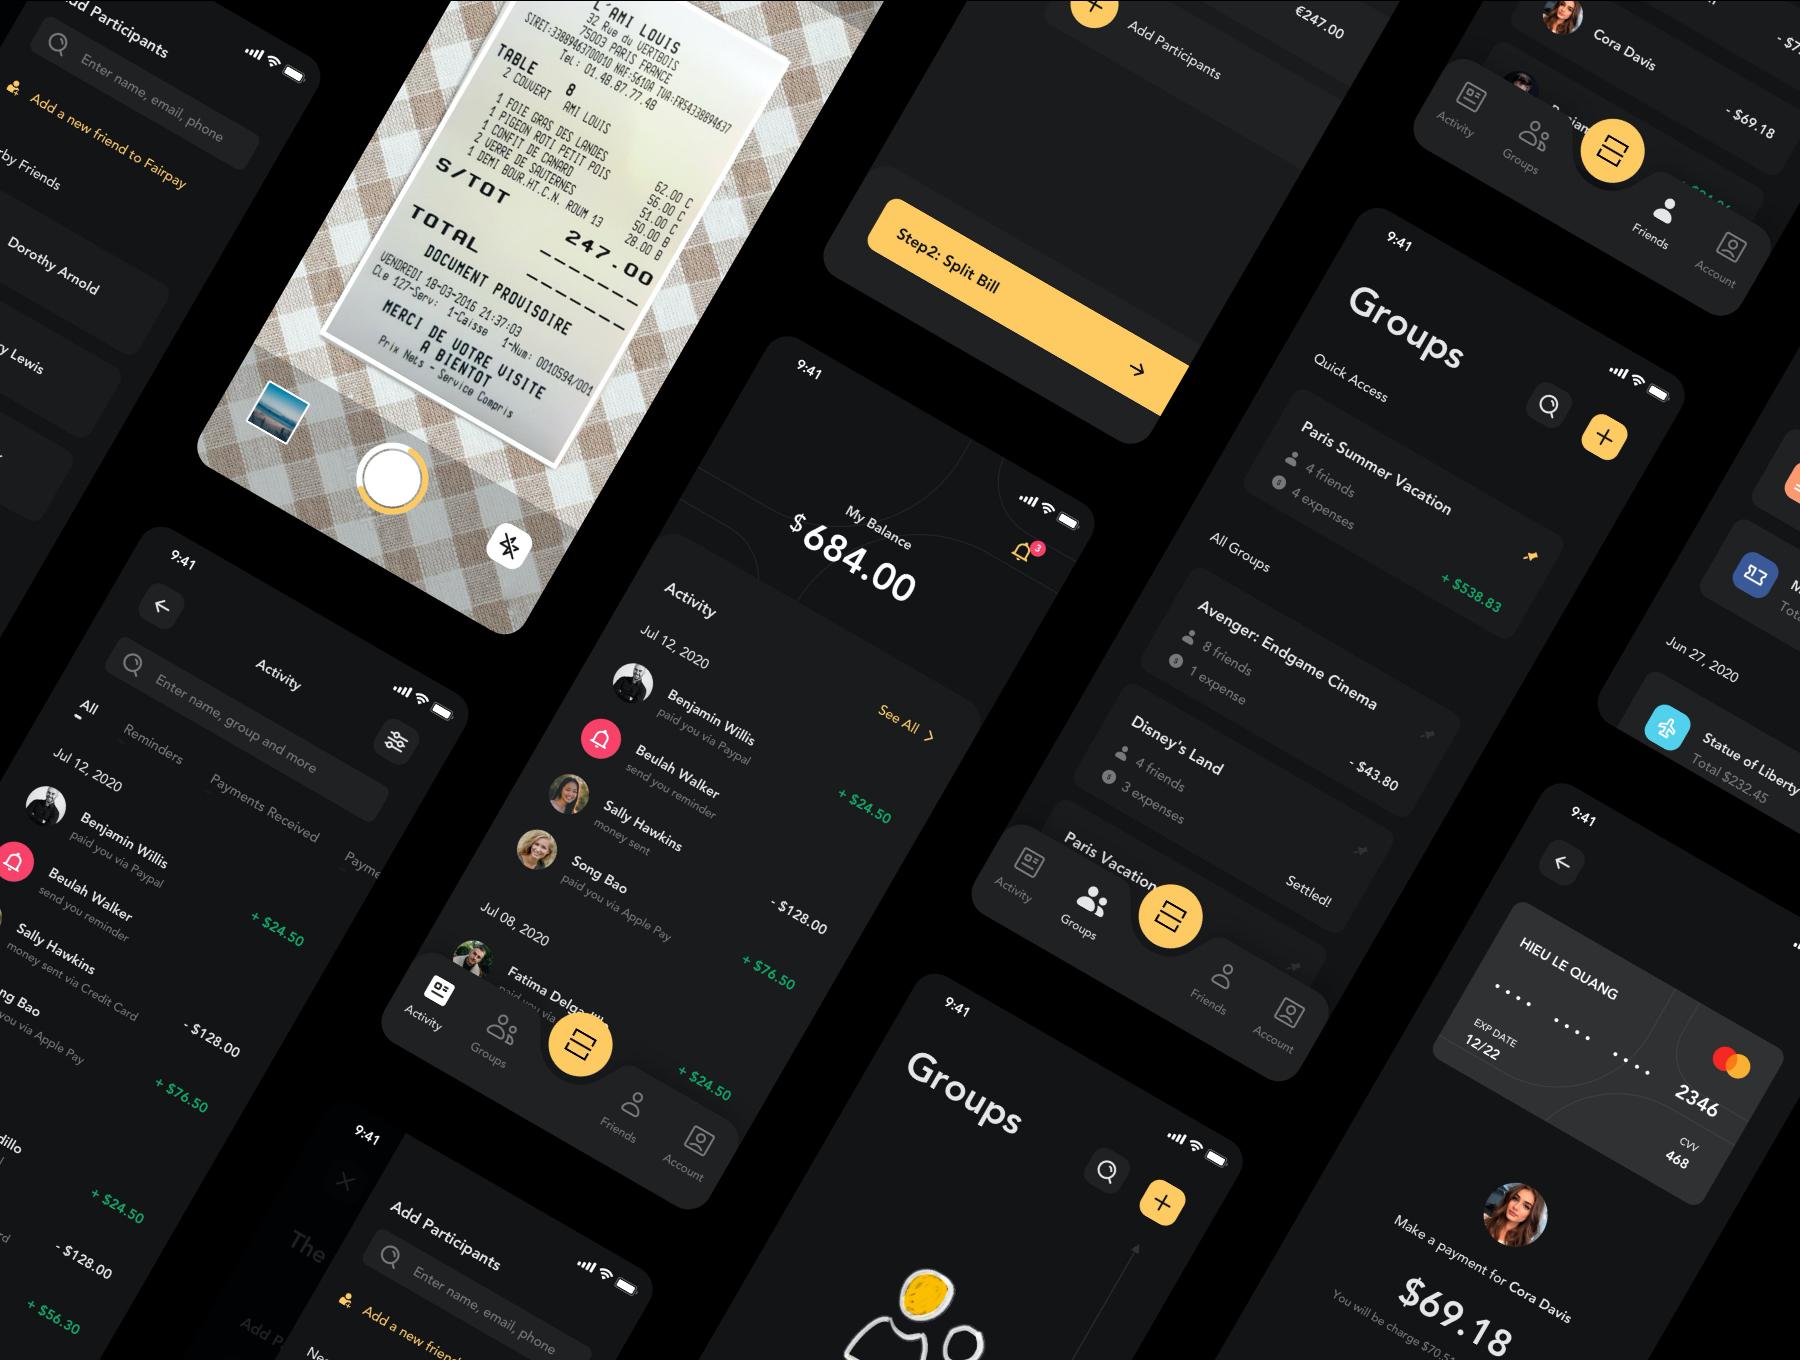 货币金融财务账单管理APP应用设计UI套件 Fairpay – Split Bill App UI Kit插图(6)